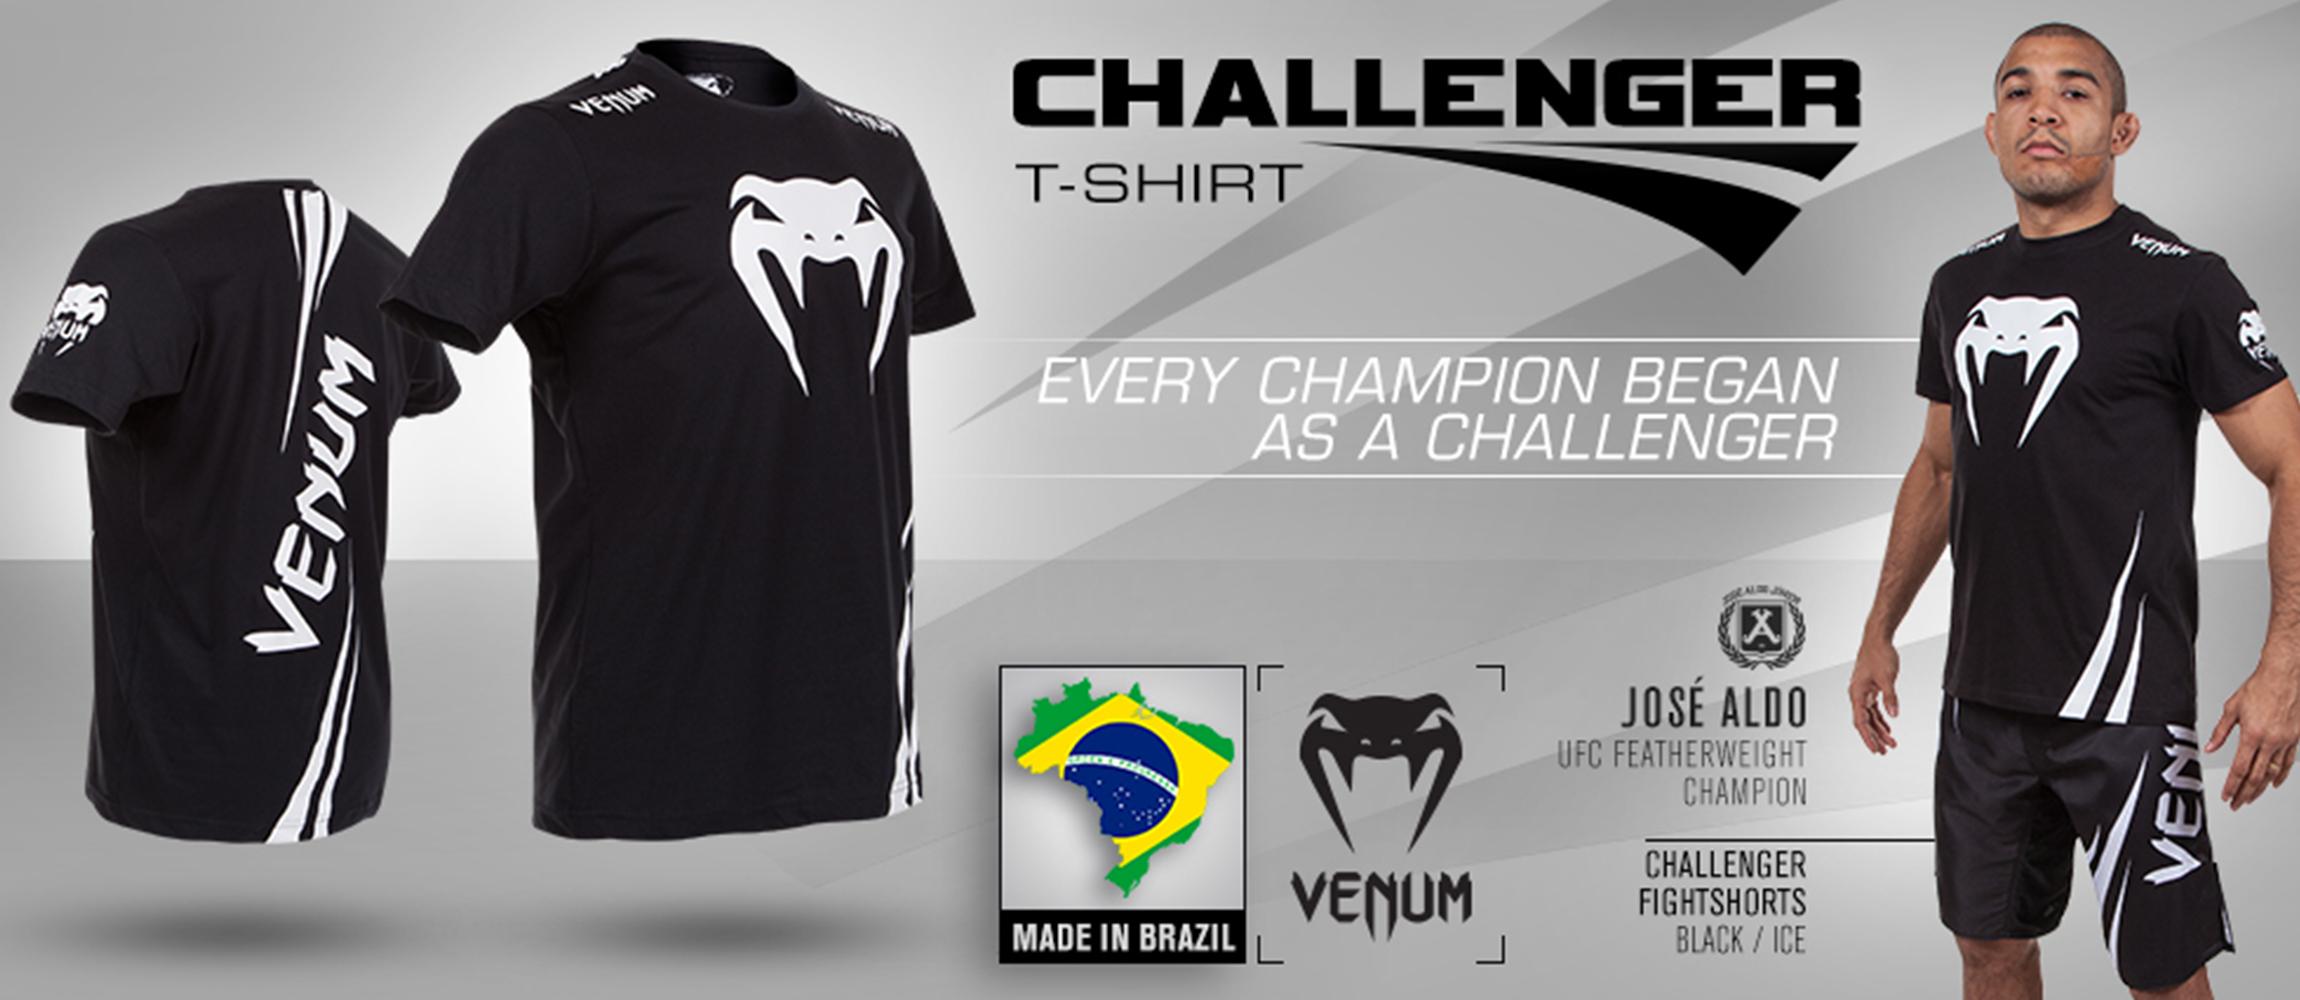 Banner7 Venum Challenger